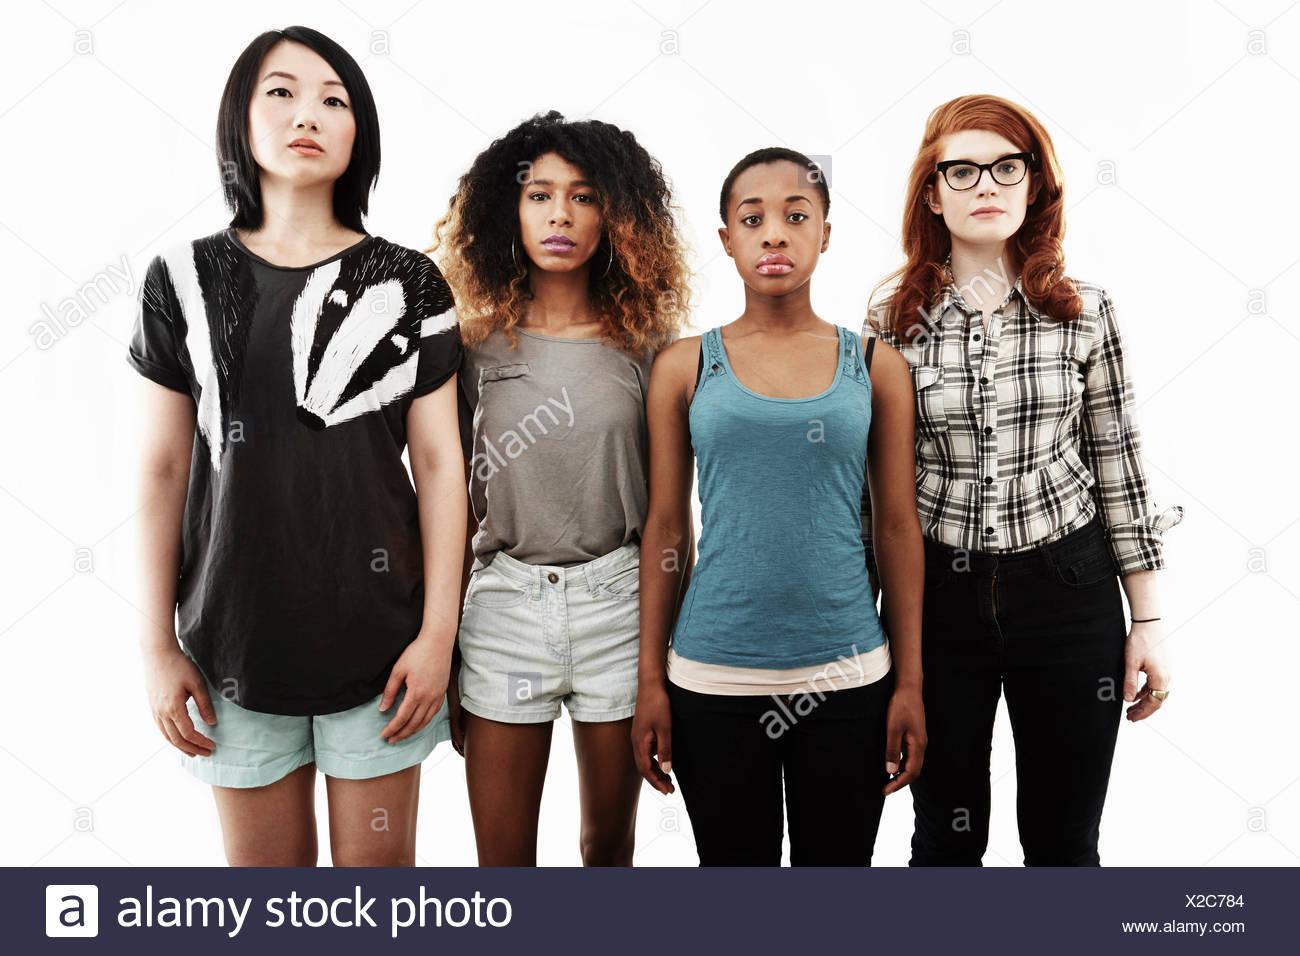 Formale Studioportrait von vier schweren jungen Frauen Stockfoto